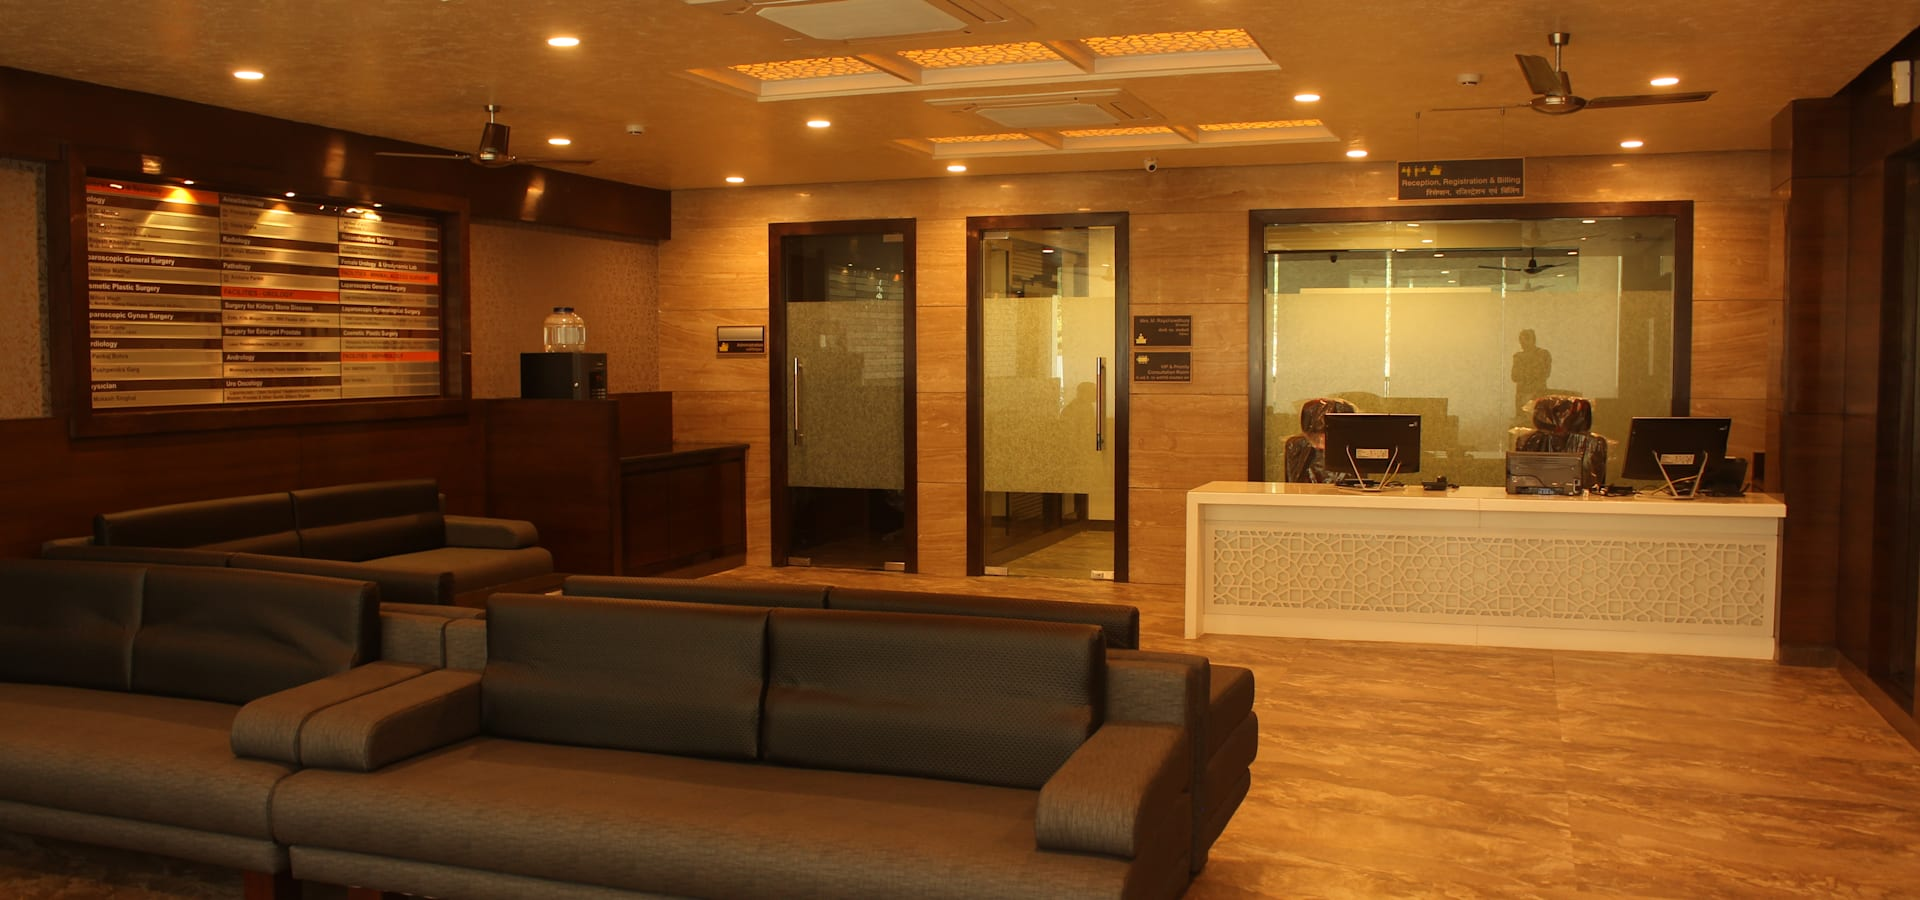 Design Square Interior Architects In Jaipur